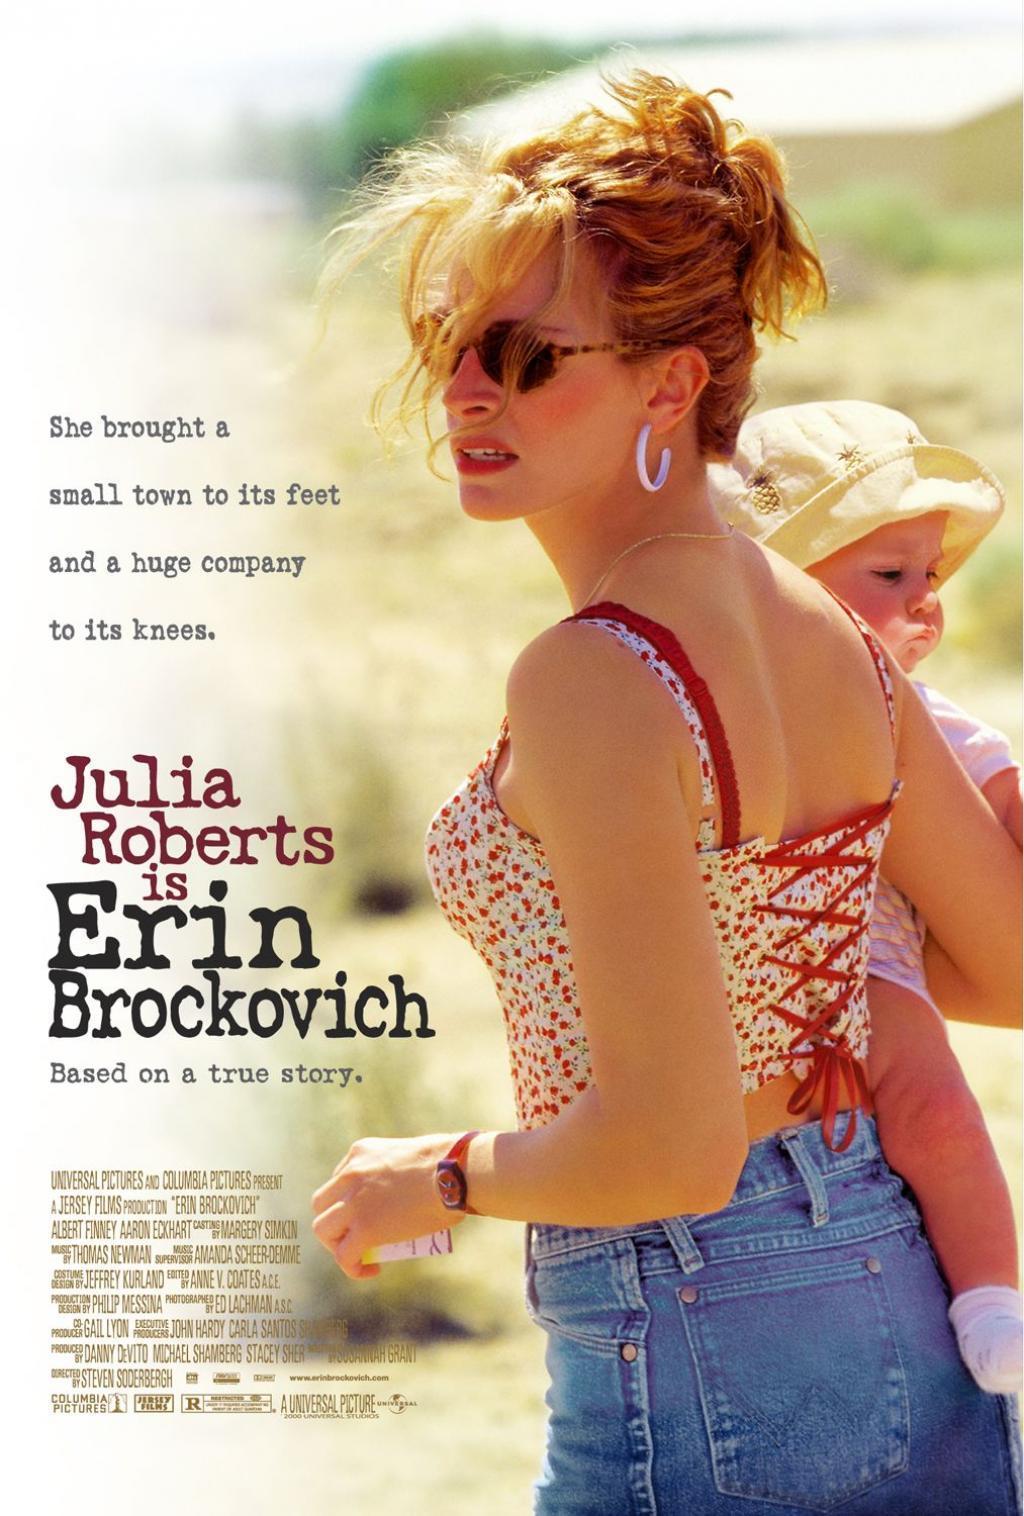 5 หนังที่ทำให้โลกหลงรัก จูเลีย โรเบิร์ตส์ ผู้หญิงที่สวยที่สุดในโลก